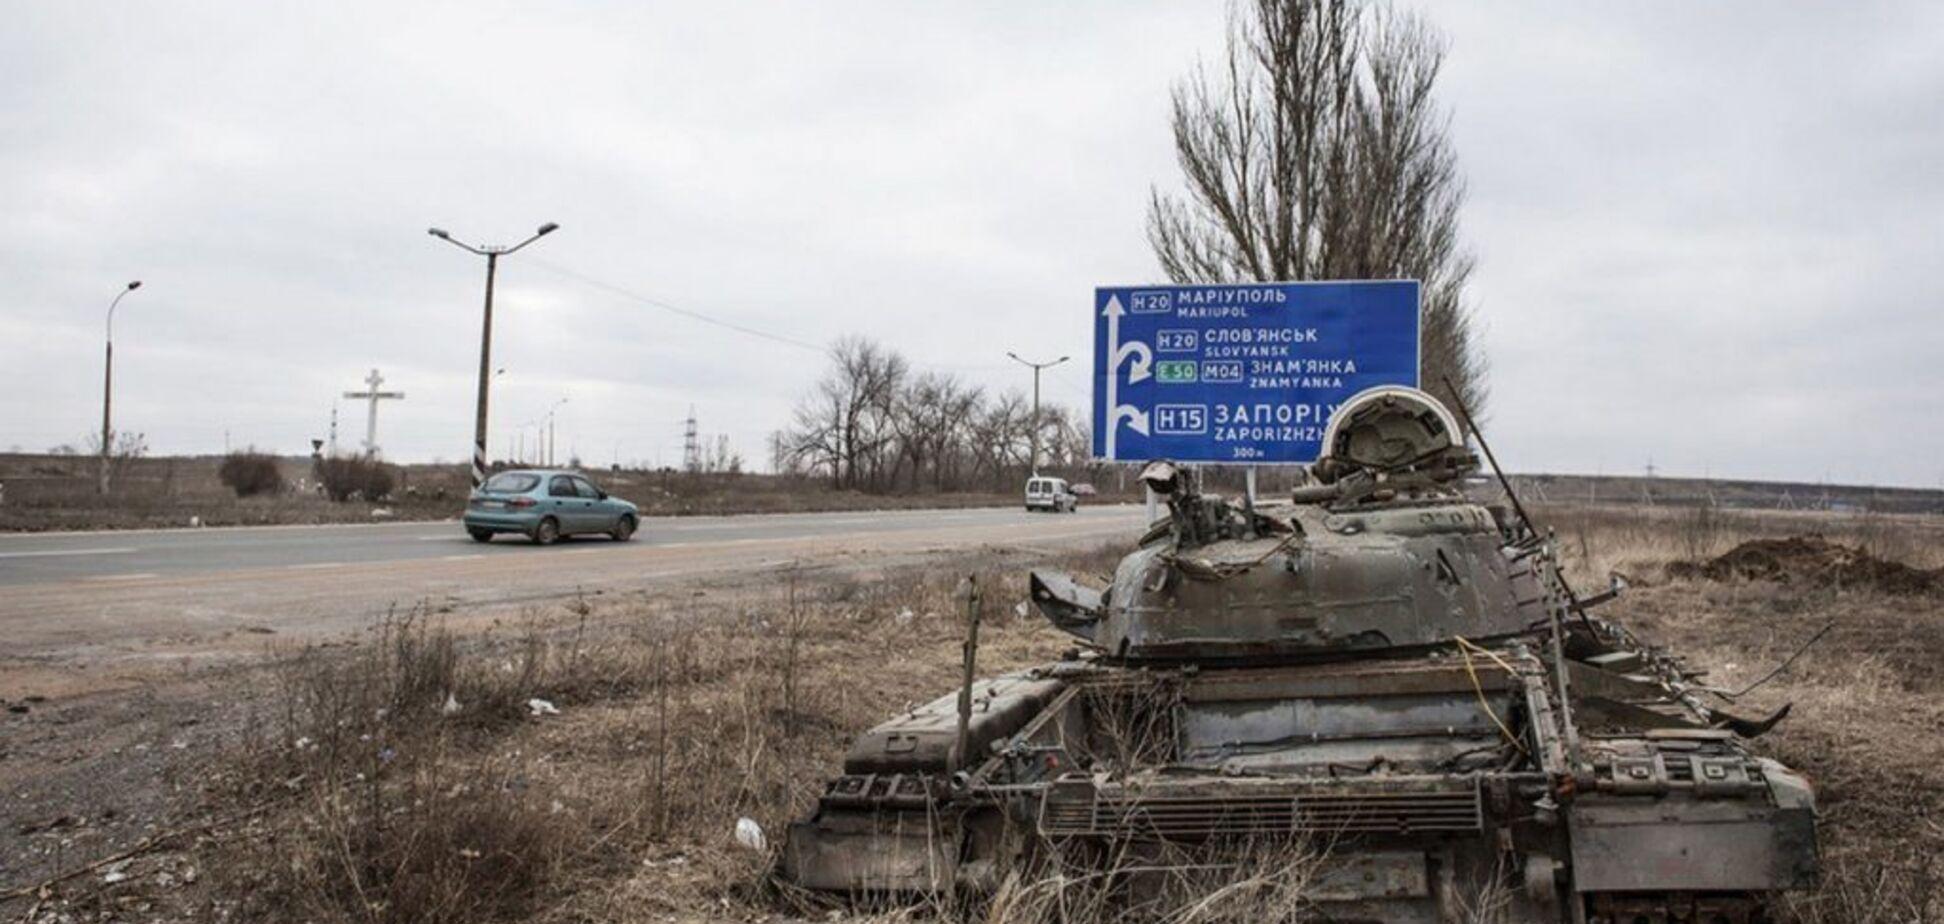 Нові бої на Донбасі: терористи ''Л/ДНР'' зазнали втрат